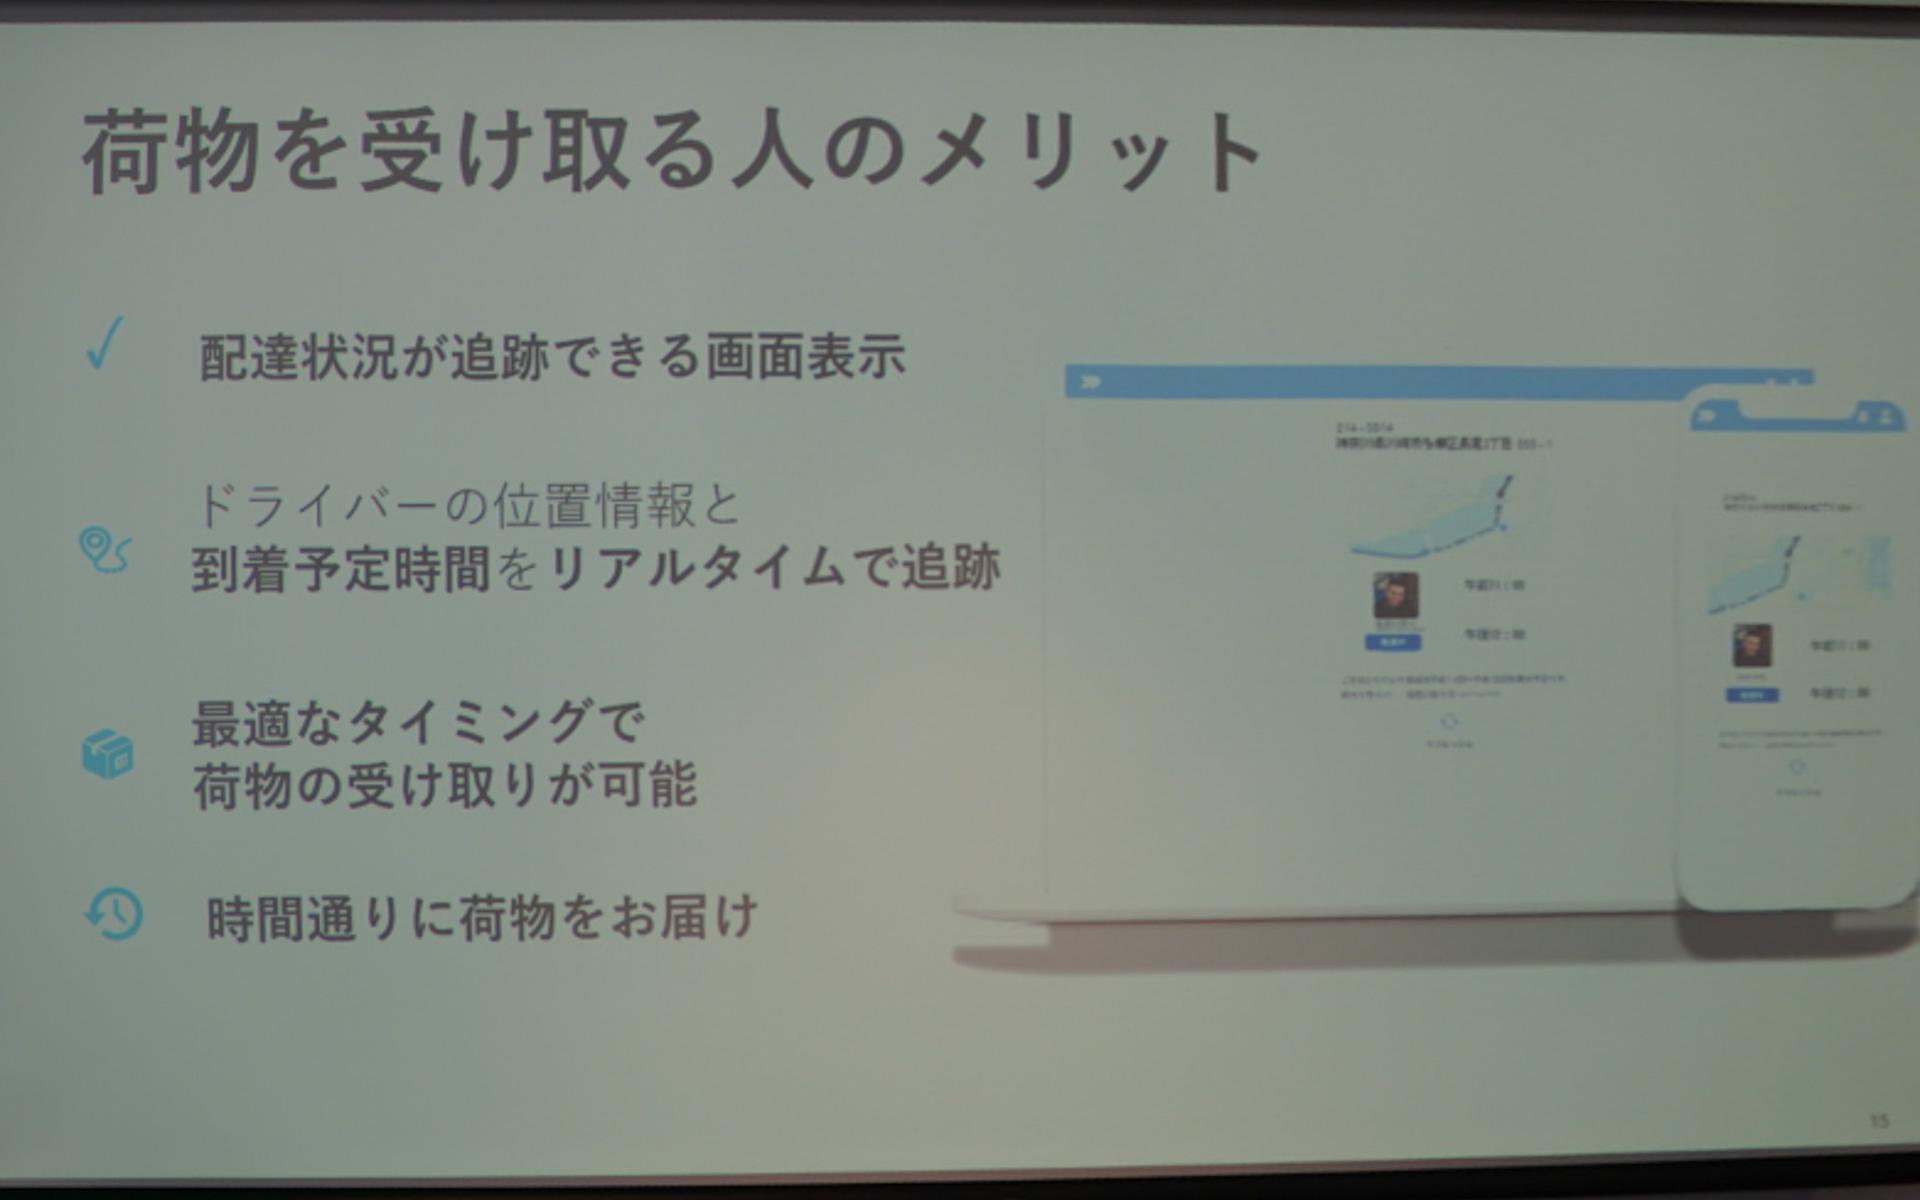 ワイズ・システムズの導入メリットを紹介する砥上氏のプレゼンテーションスライド